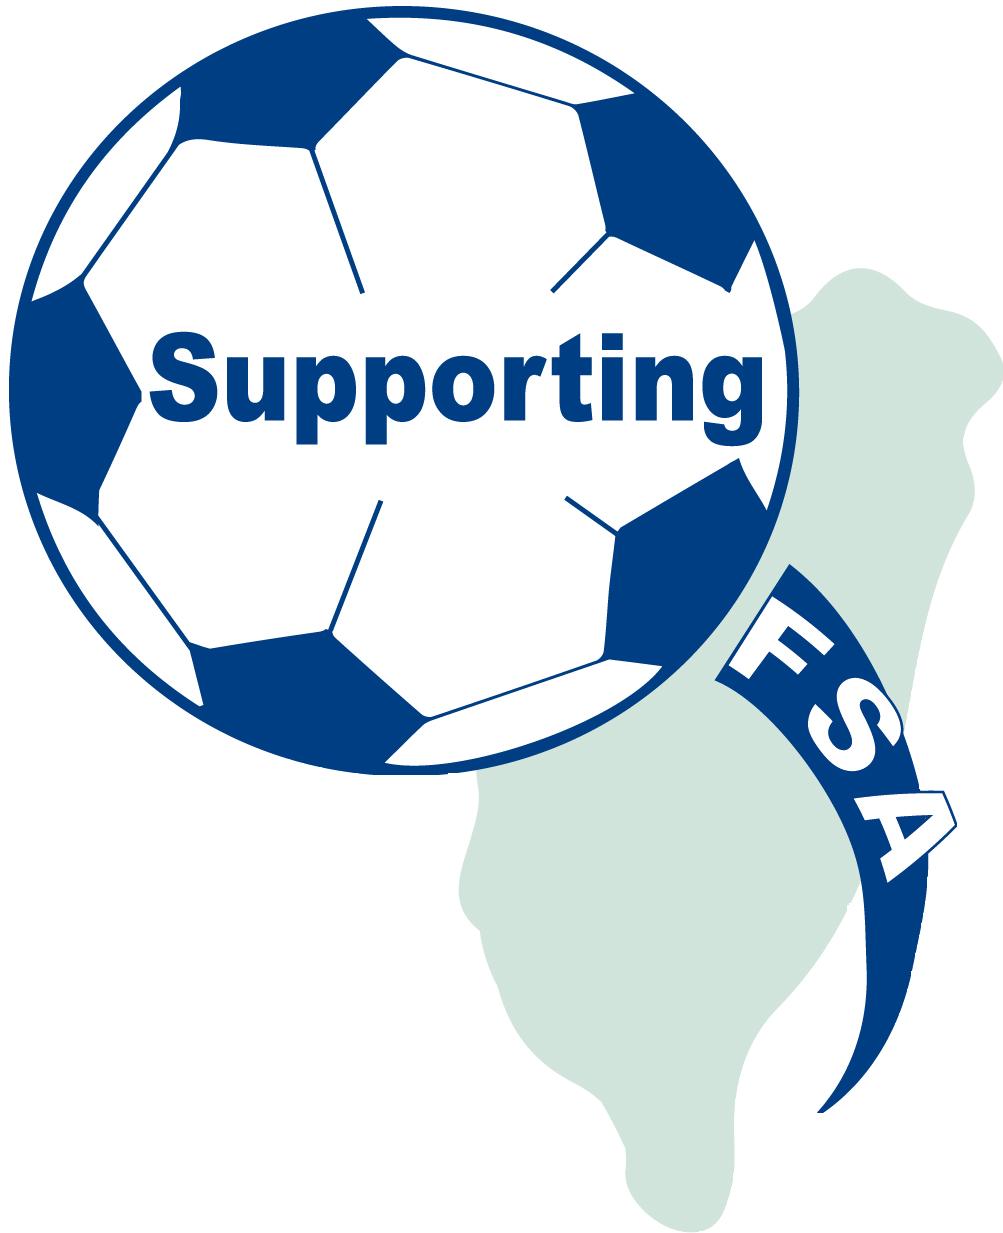 贊助LOGO-寶島足球支援協會